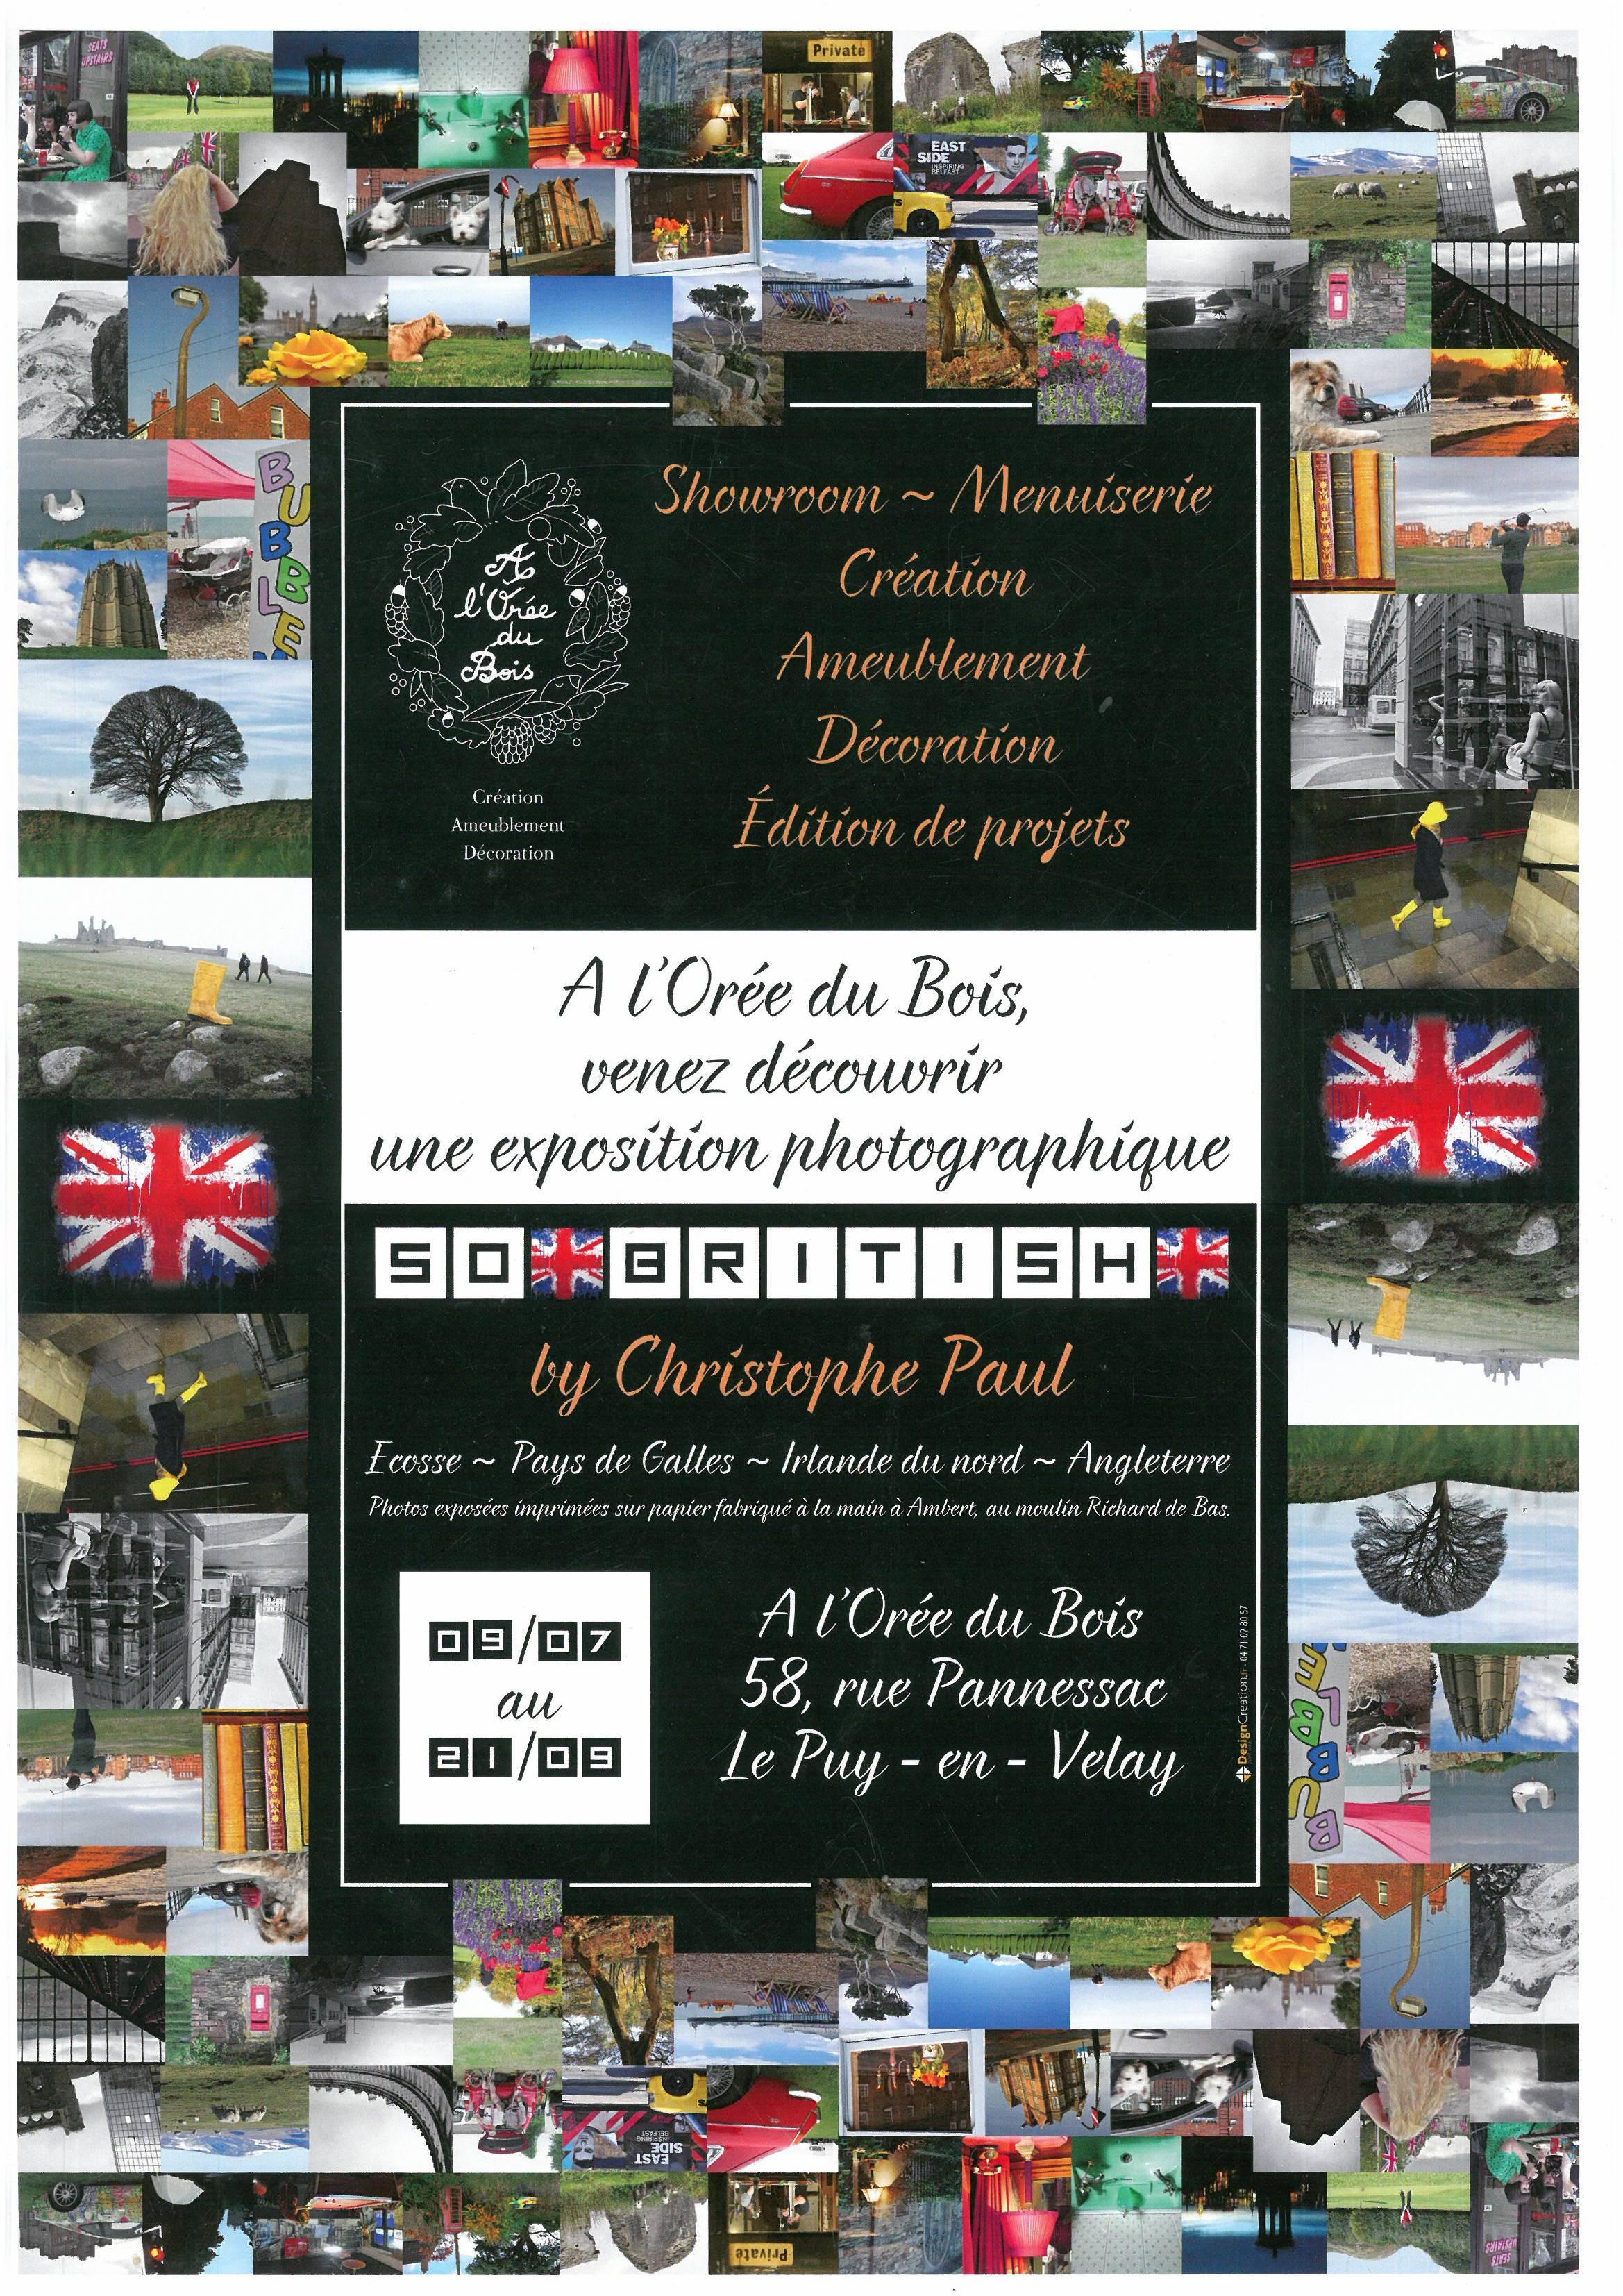 Design Creation Le Puy En Velay exposition so britishchristophe paul - communauté d